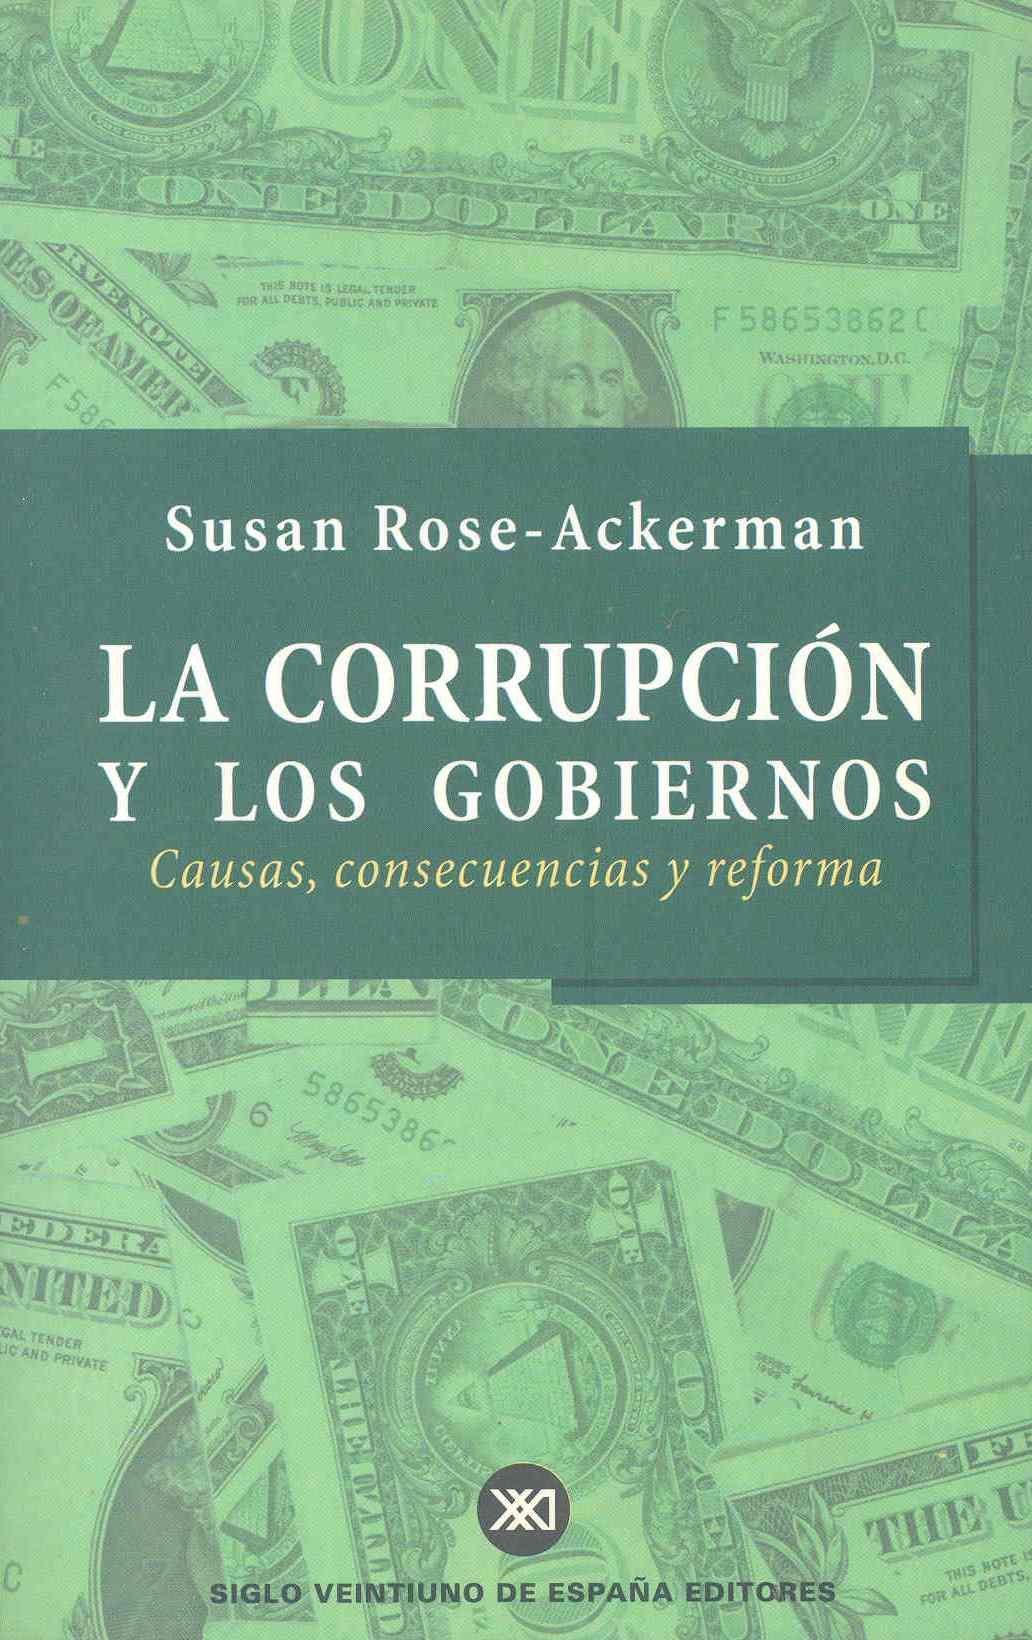 La corrupción y los gobiernos: Causas, consecuencias y reforma: Amazon.es: Rose-Ackerman, Susan, Barco, Juan José, Alins, Sonia, Colodrón Gómez, Alfonso: Libros